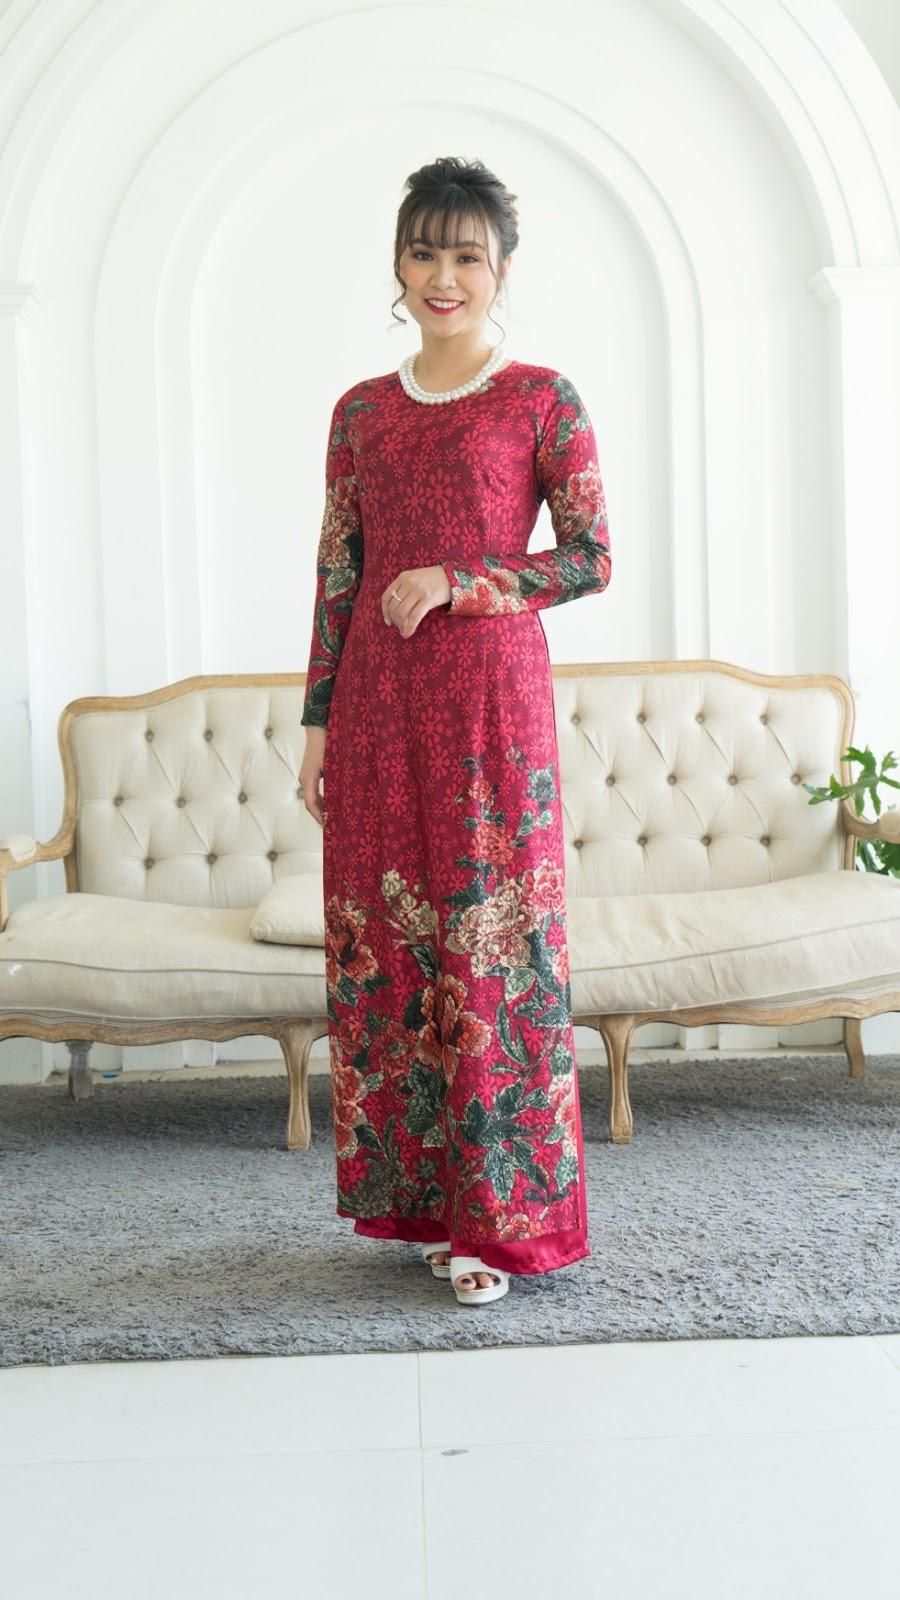 LYBEE - Biểu tượng thời trang của quý bà Việt 5